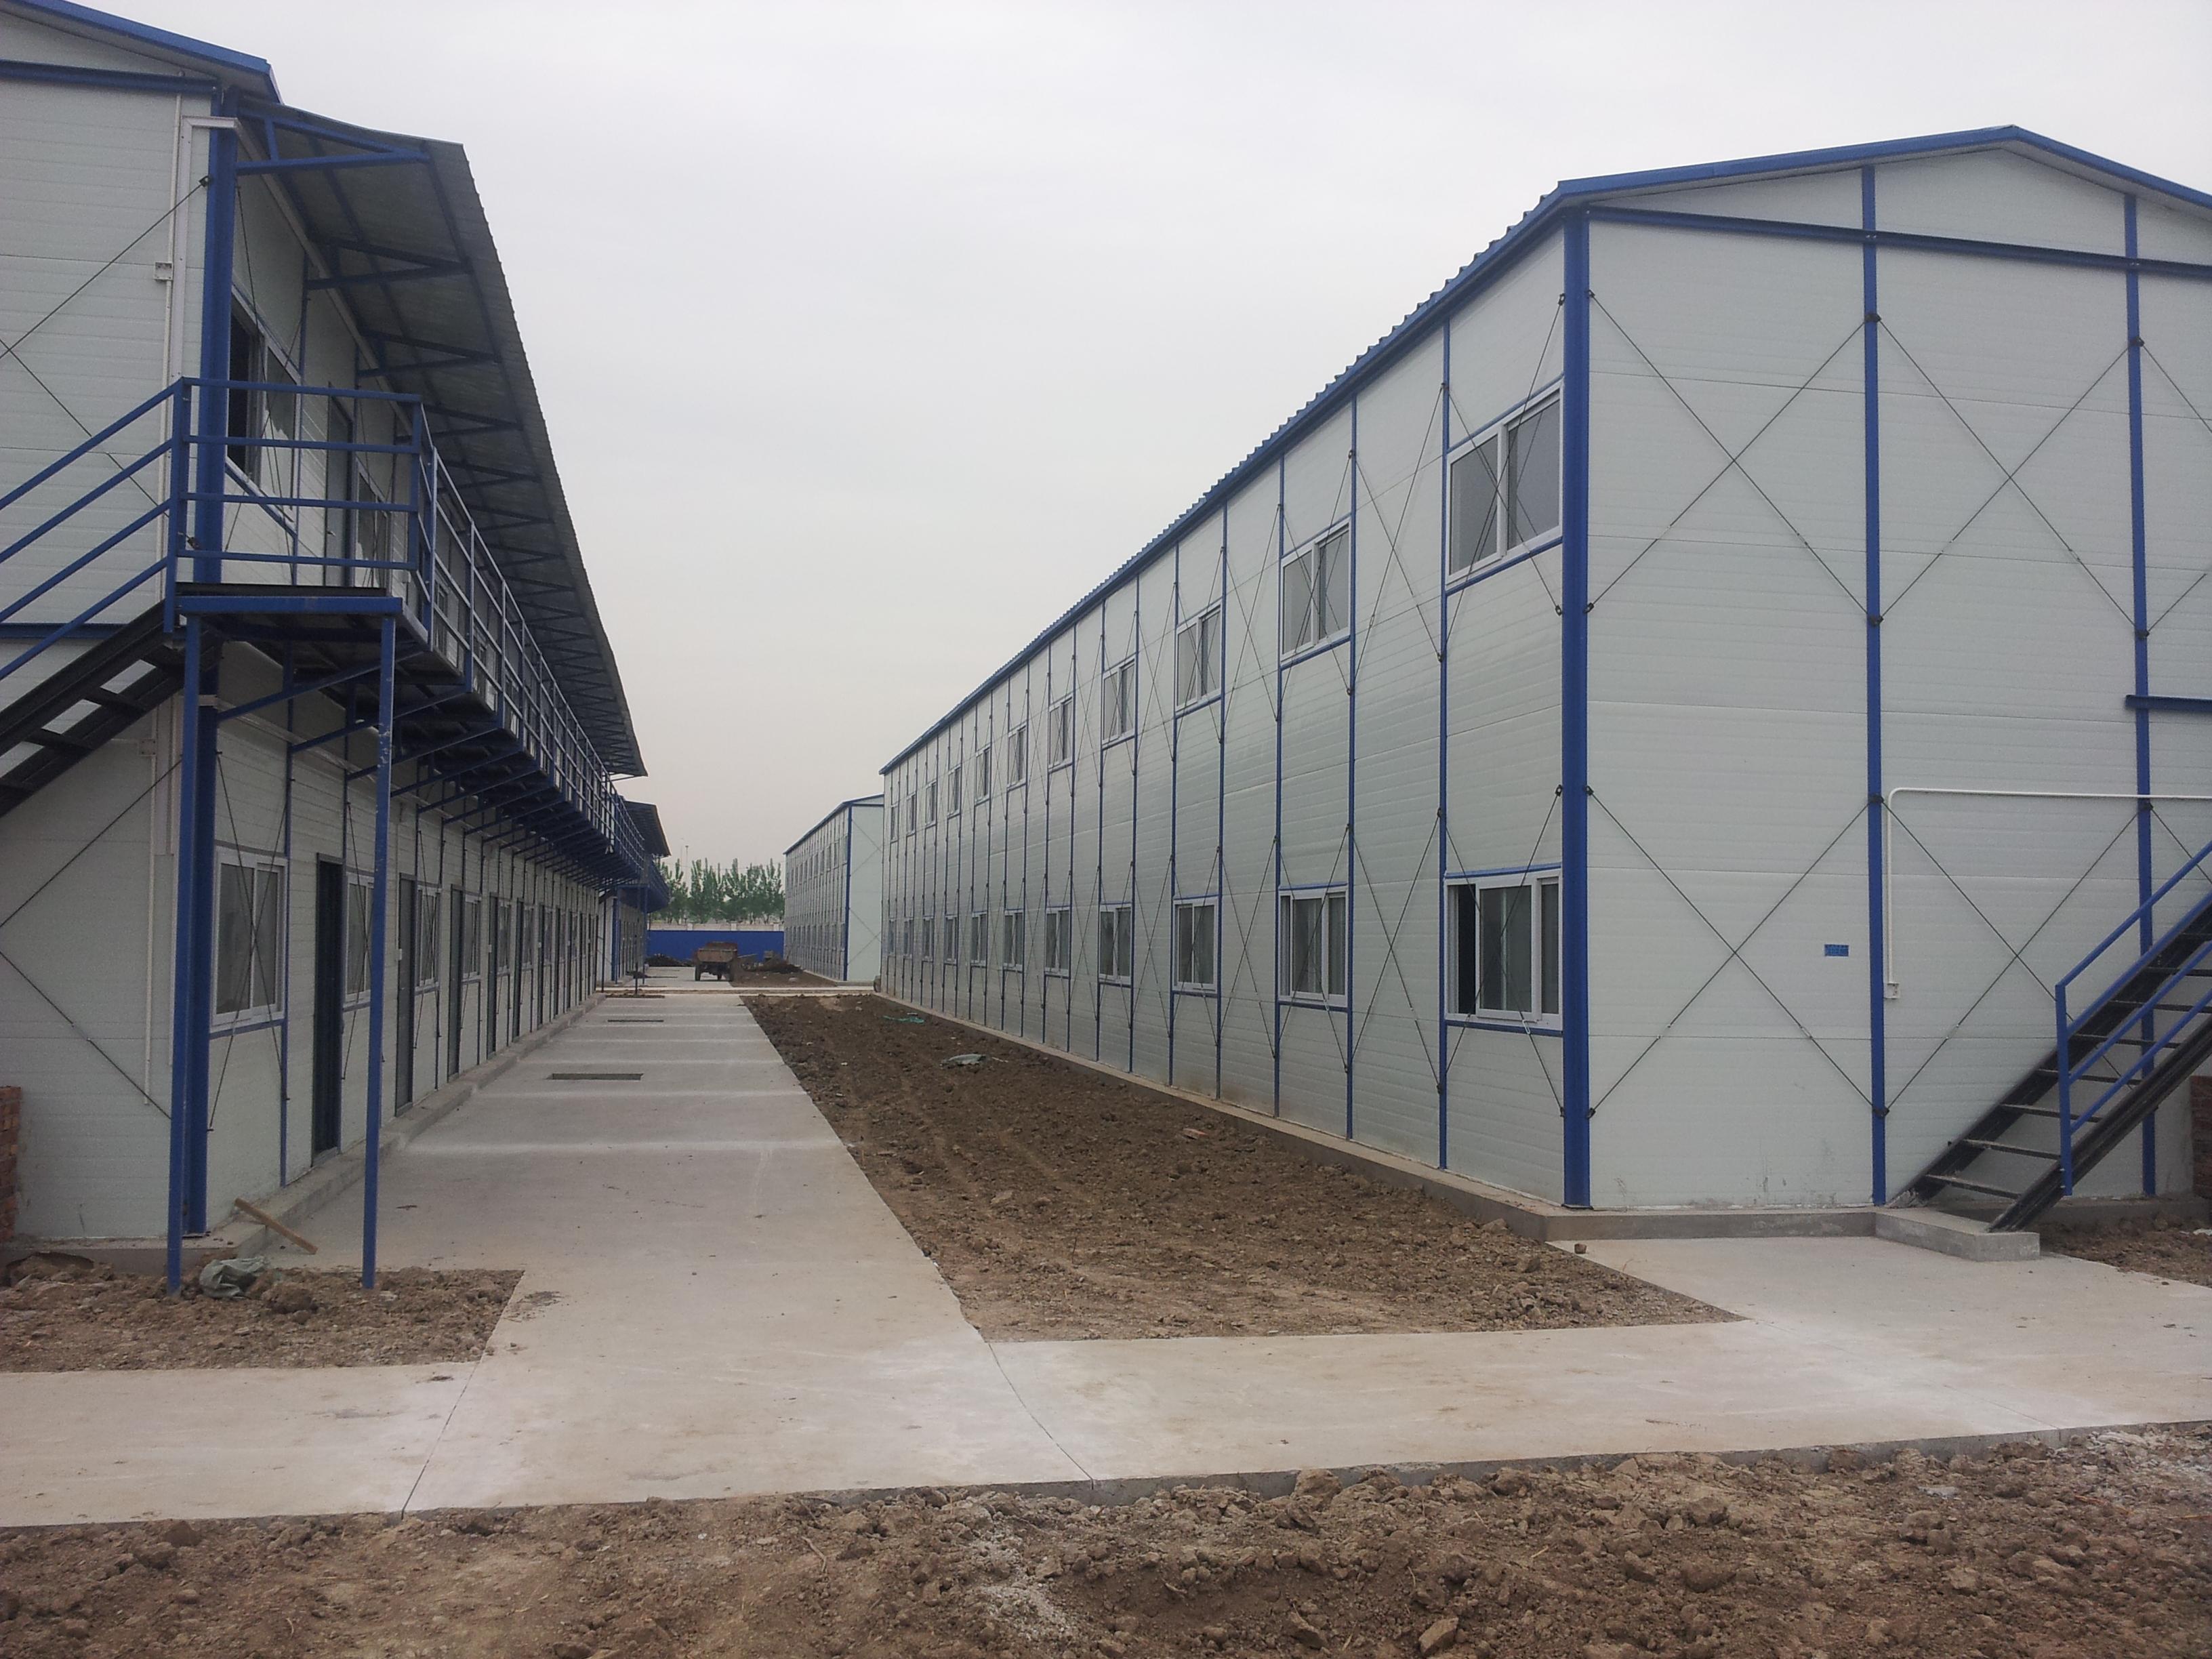 低价环保北京彩钢房,工地保暖北京通州活动房